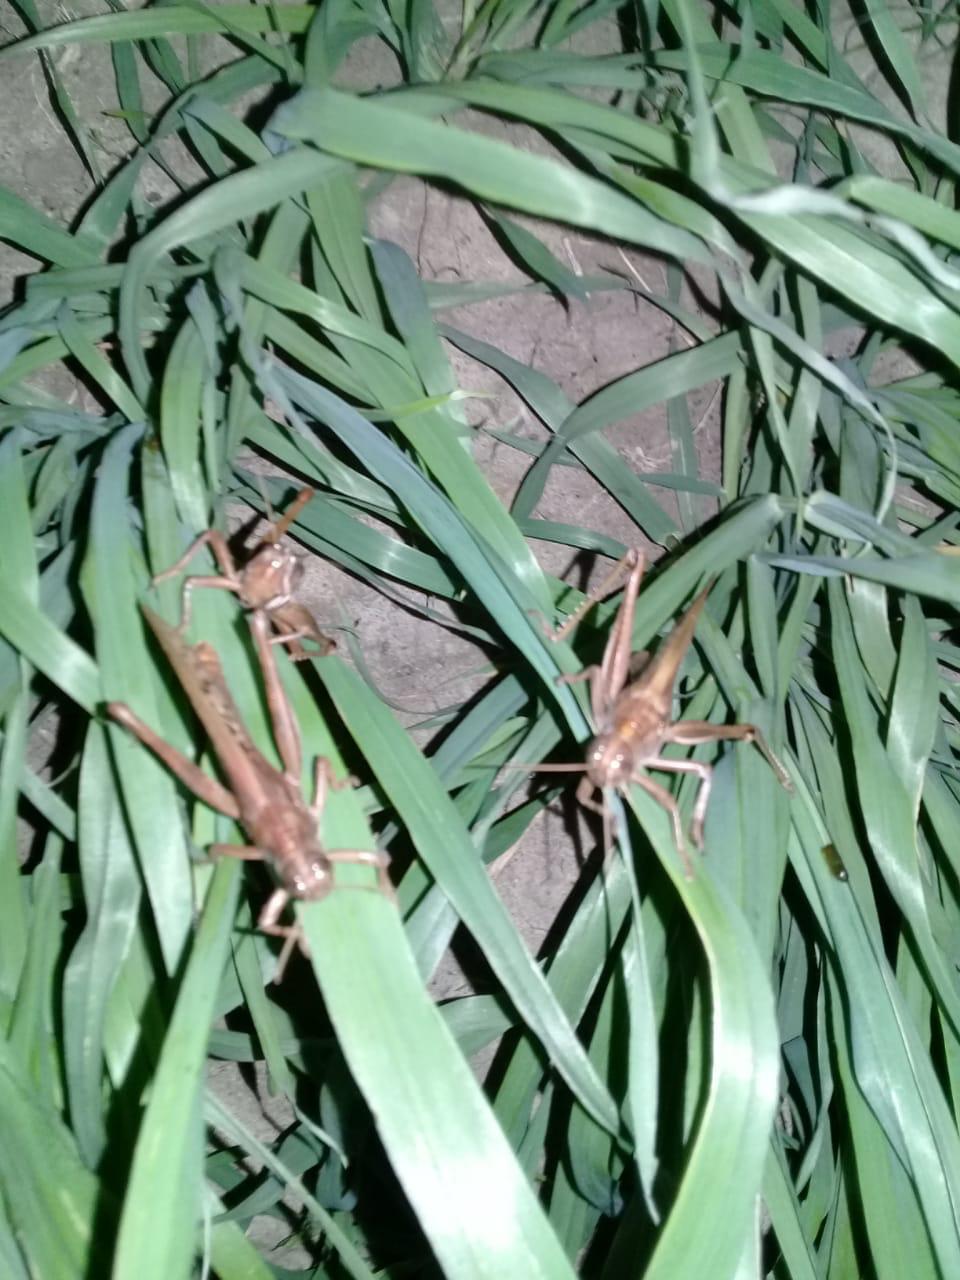 Mangas de langostas ponen en alerta al norte de Santa Fe provenientes de Paraguay